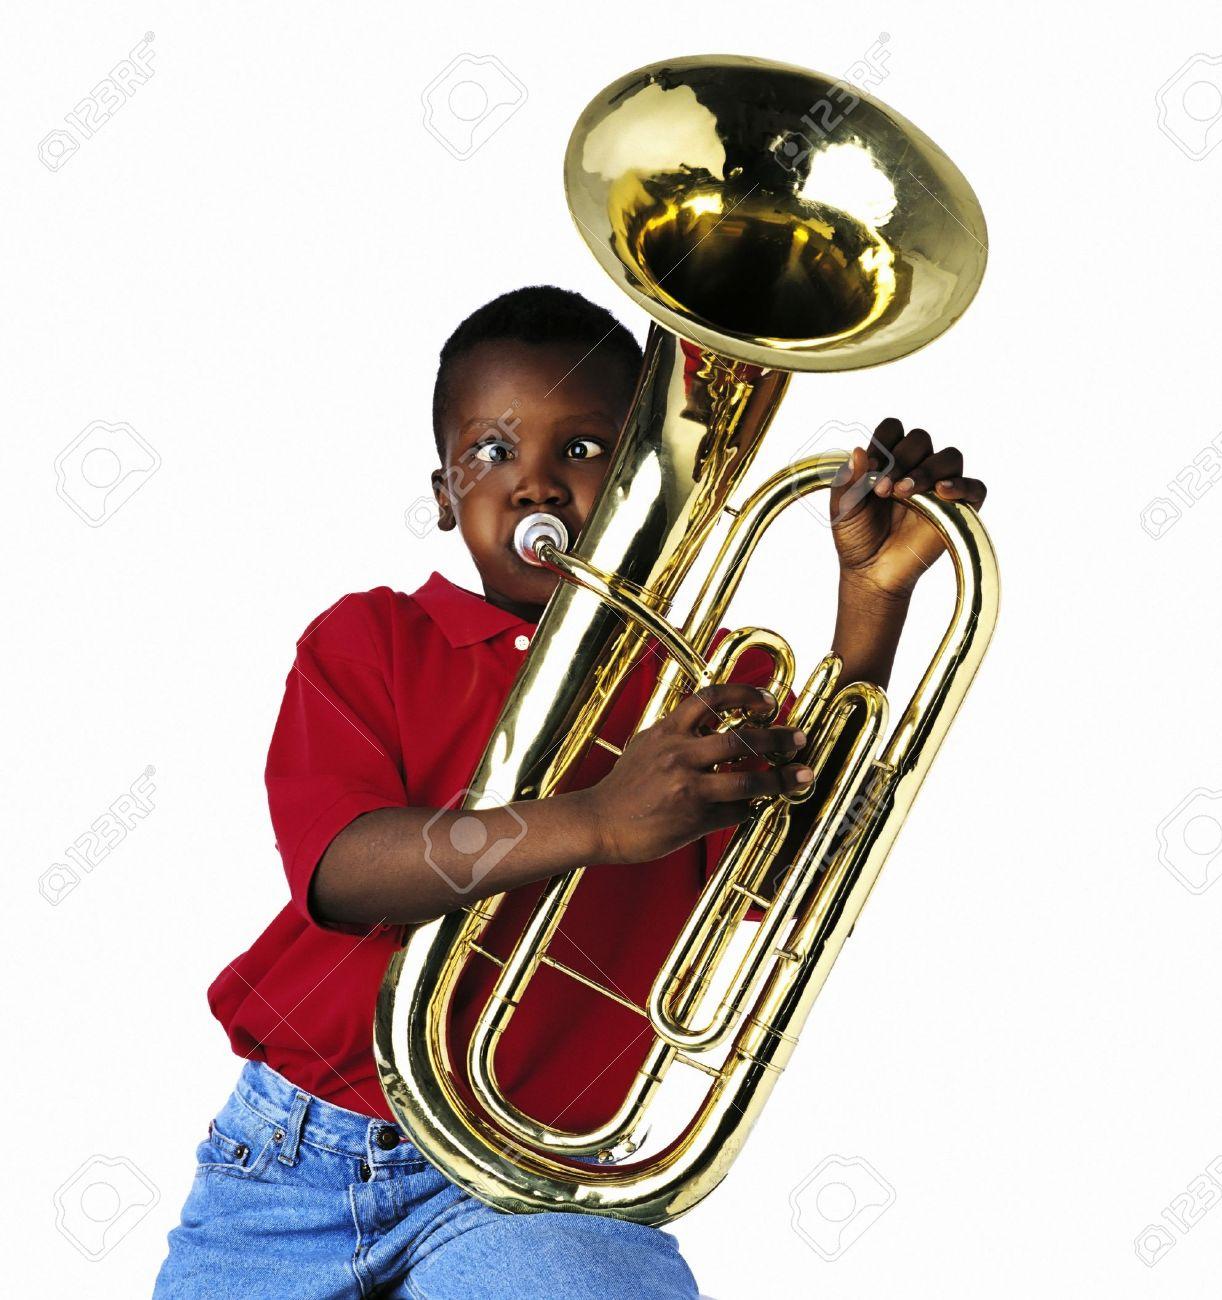 Child playing baritone Stock Photo - 7201272